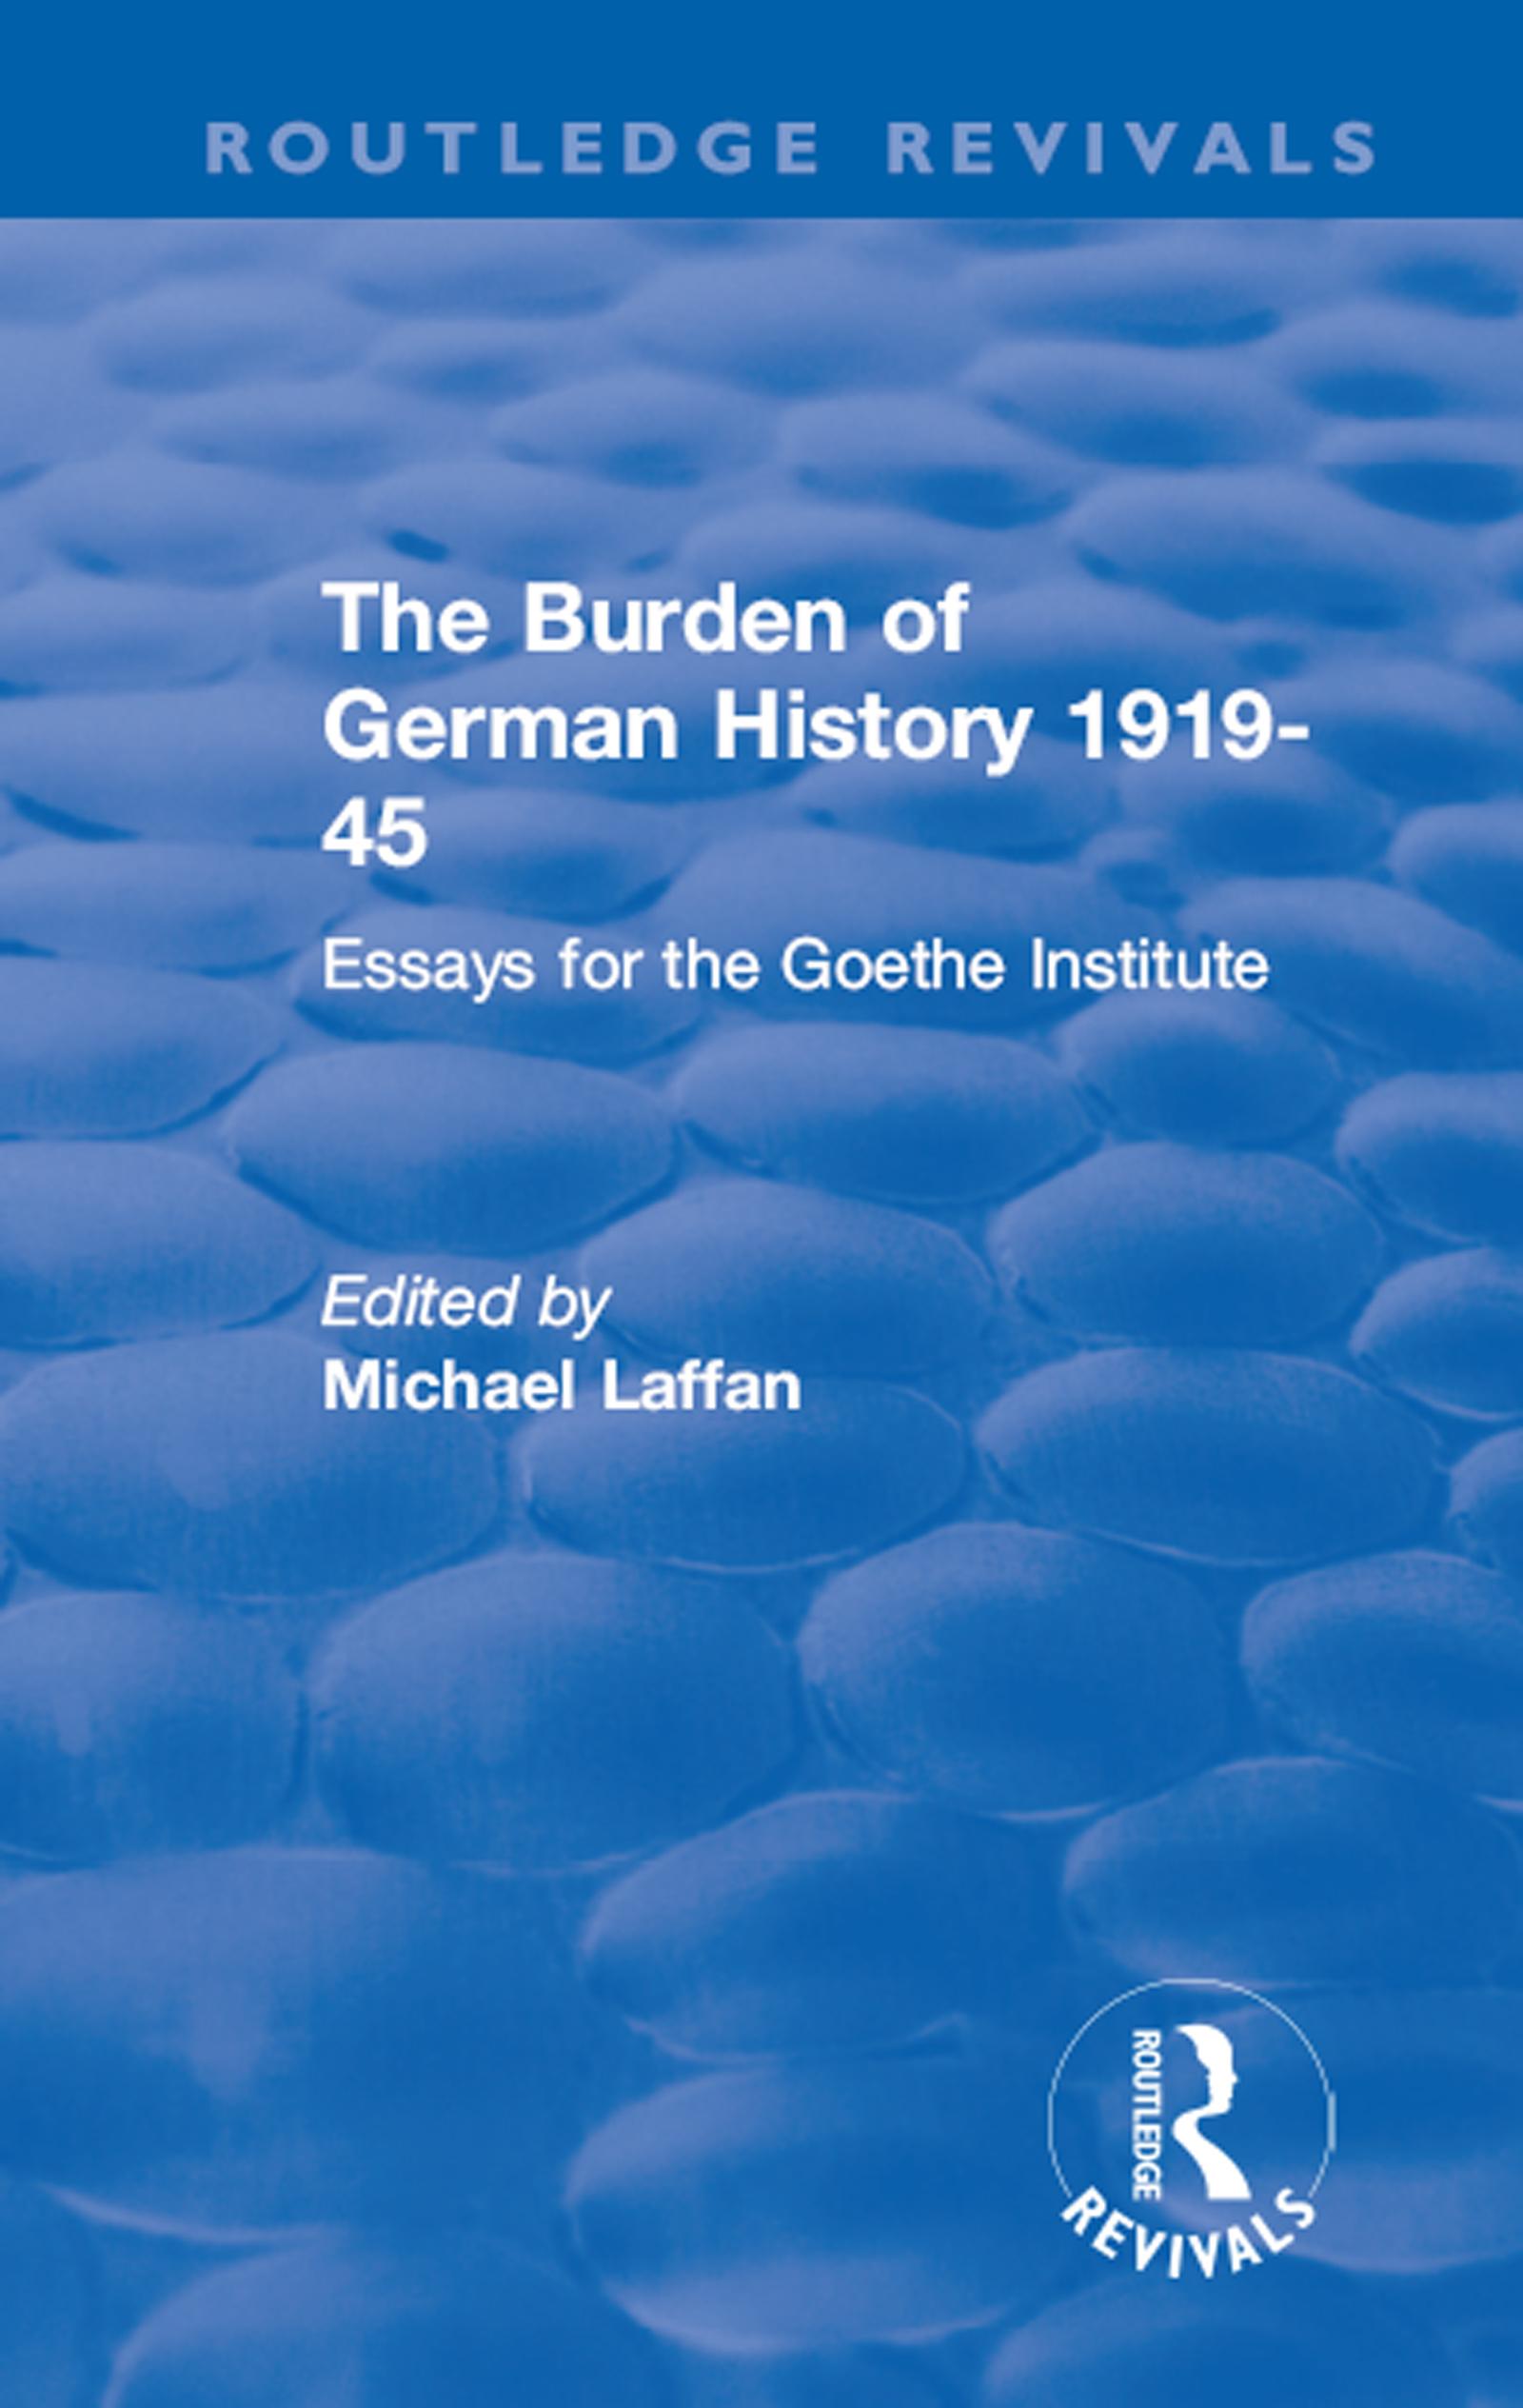 The Burden of German History 1919-45